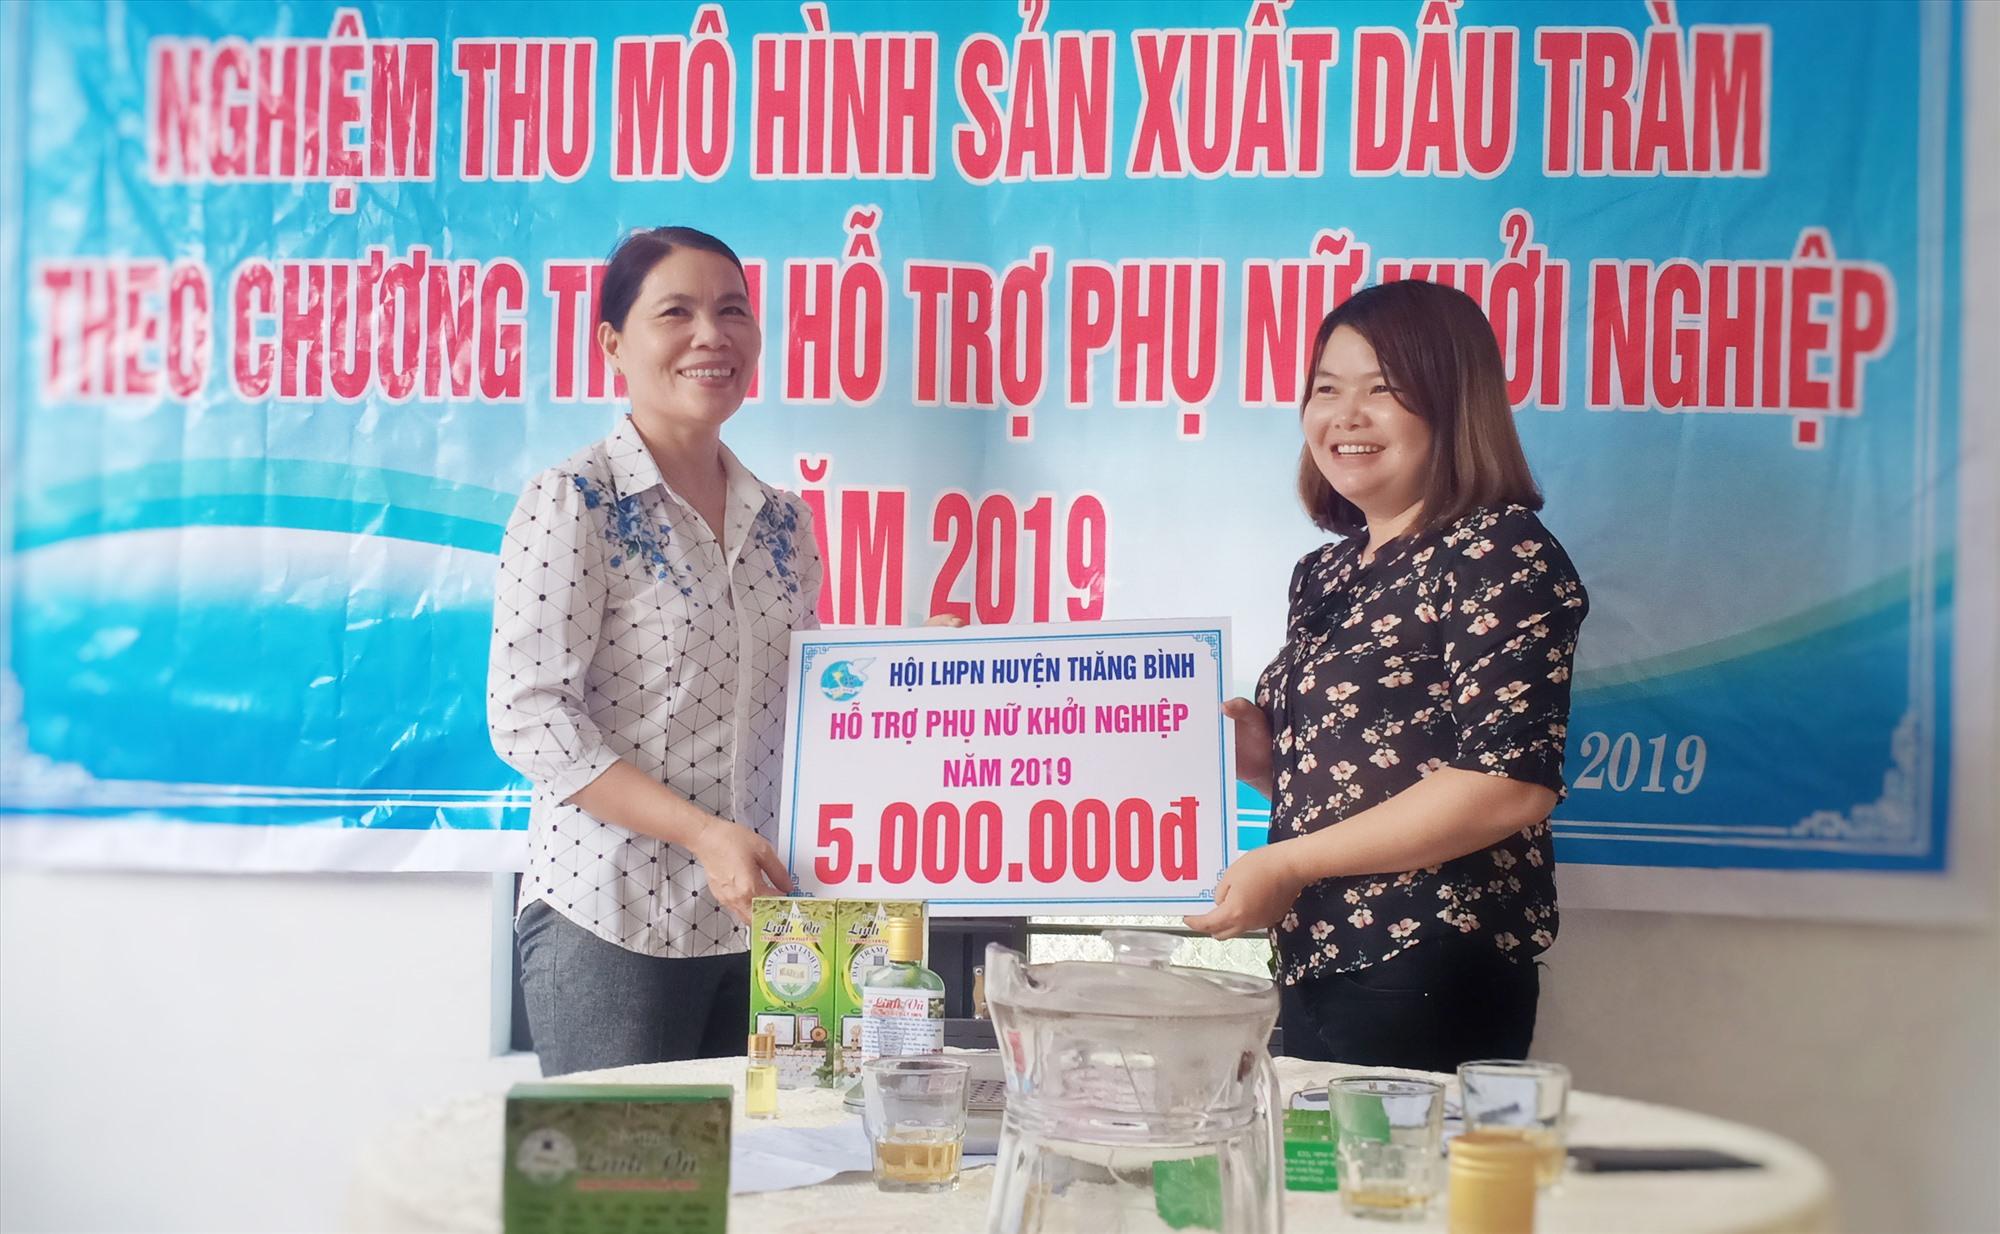 Nhiều năm qua, Hội LHPN Thăng Bình tích cực hỗ trợ hội viên phát triển kinh tế. Ảnh: Giang Biên